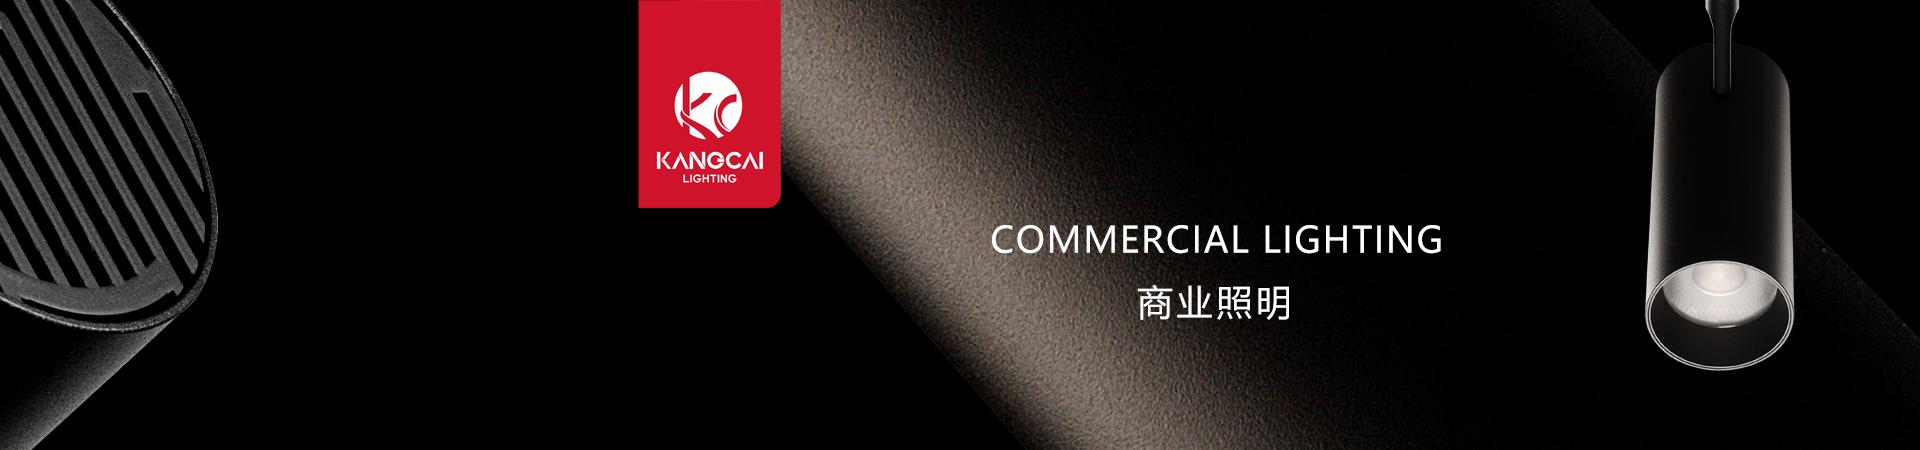 廣東康彩照明科技有限公司pc頂部幻燈